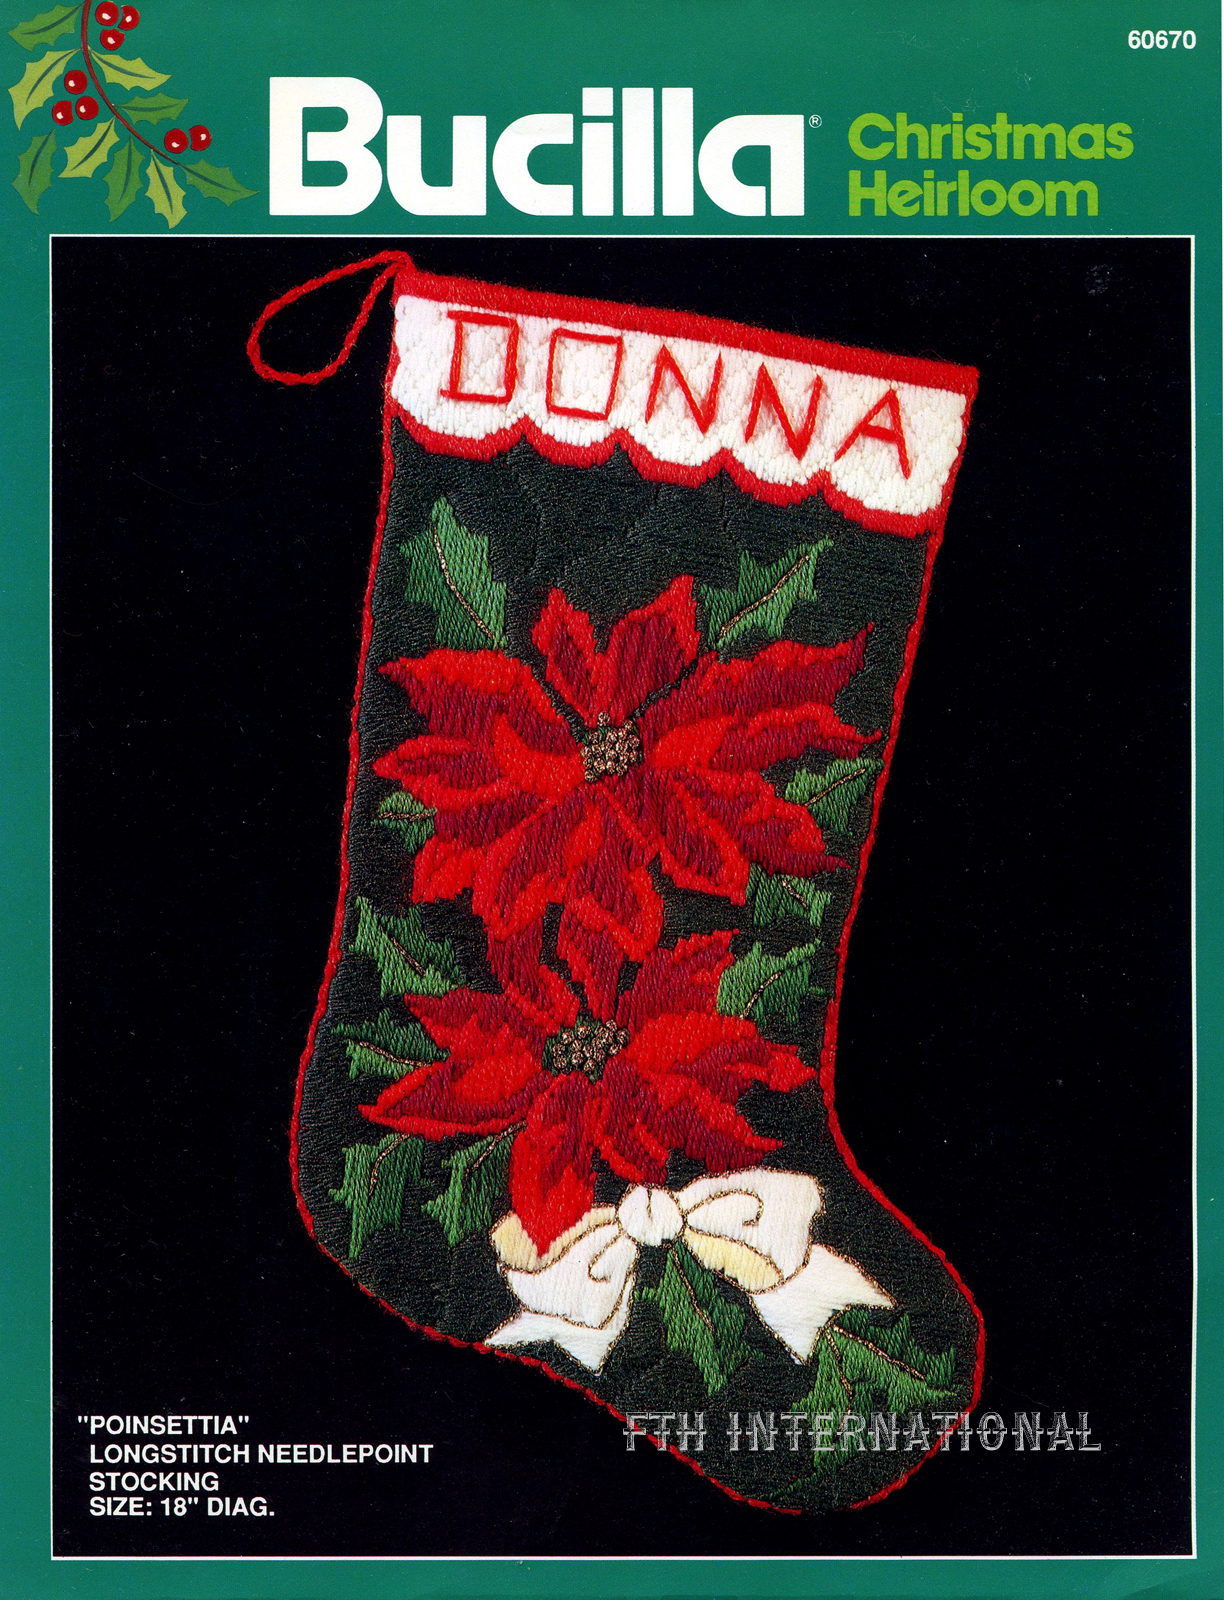 Bucilla Christmas & Seasonal Stitchery Kits